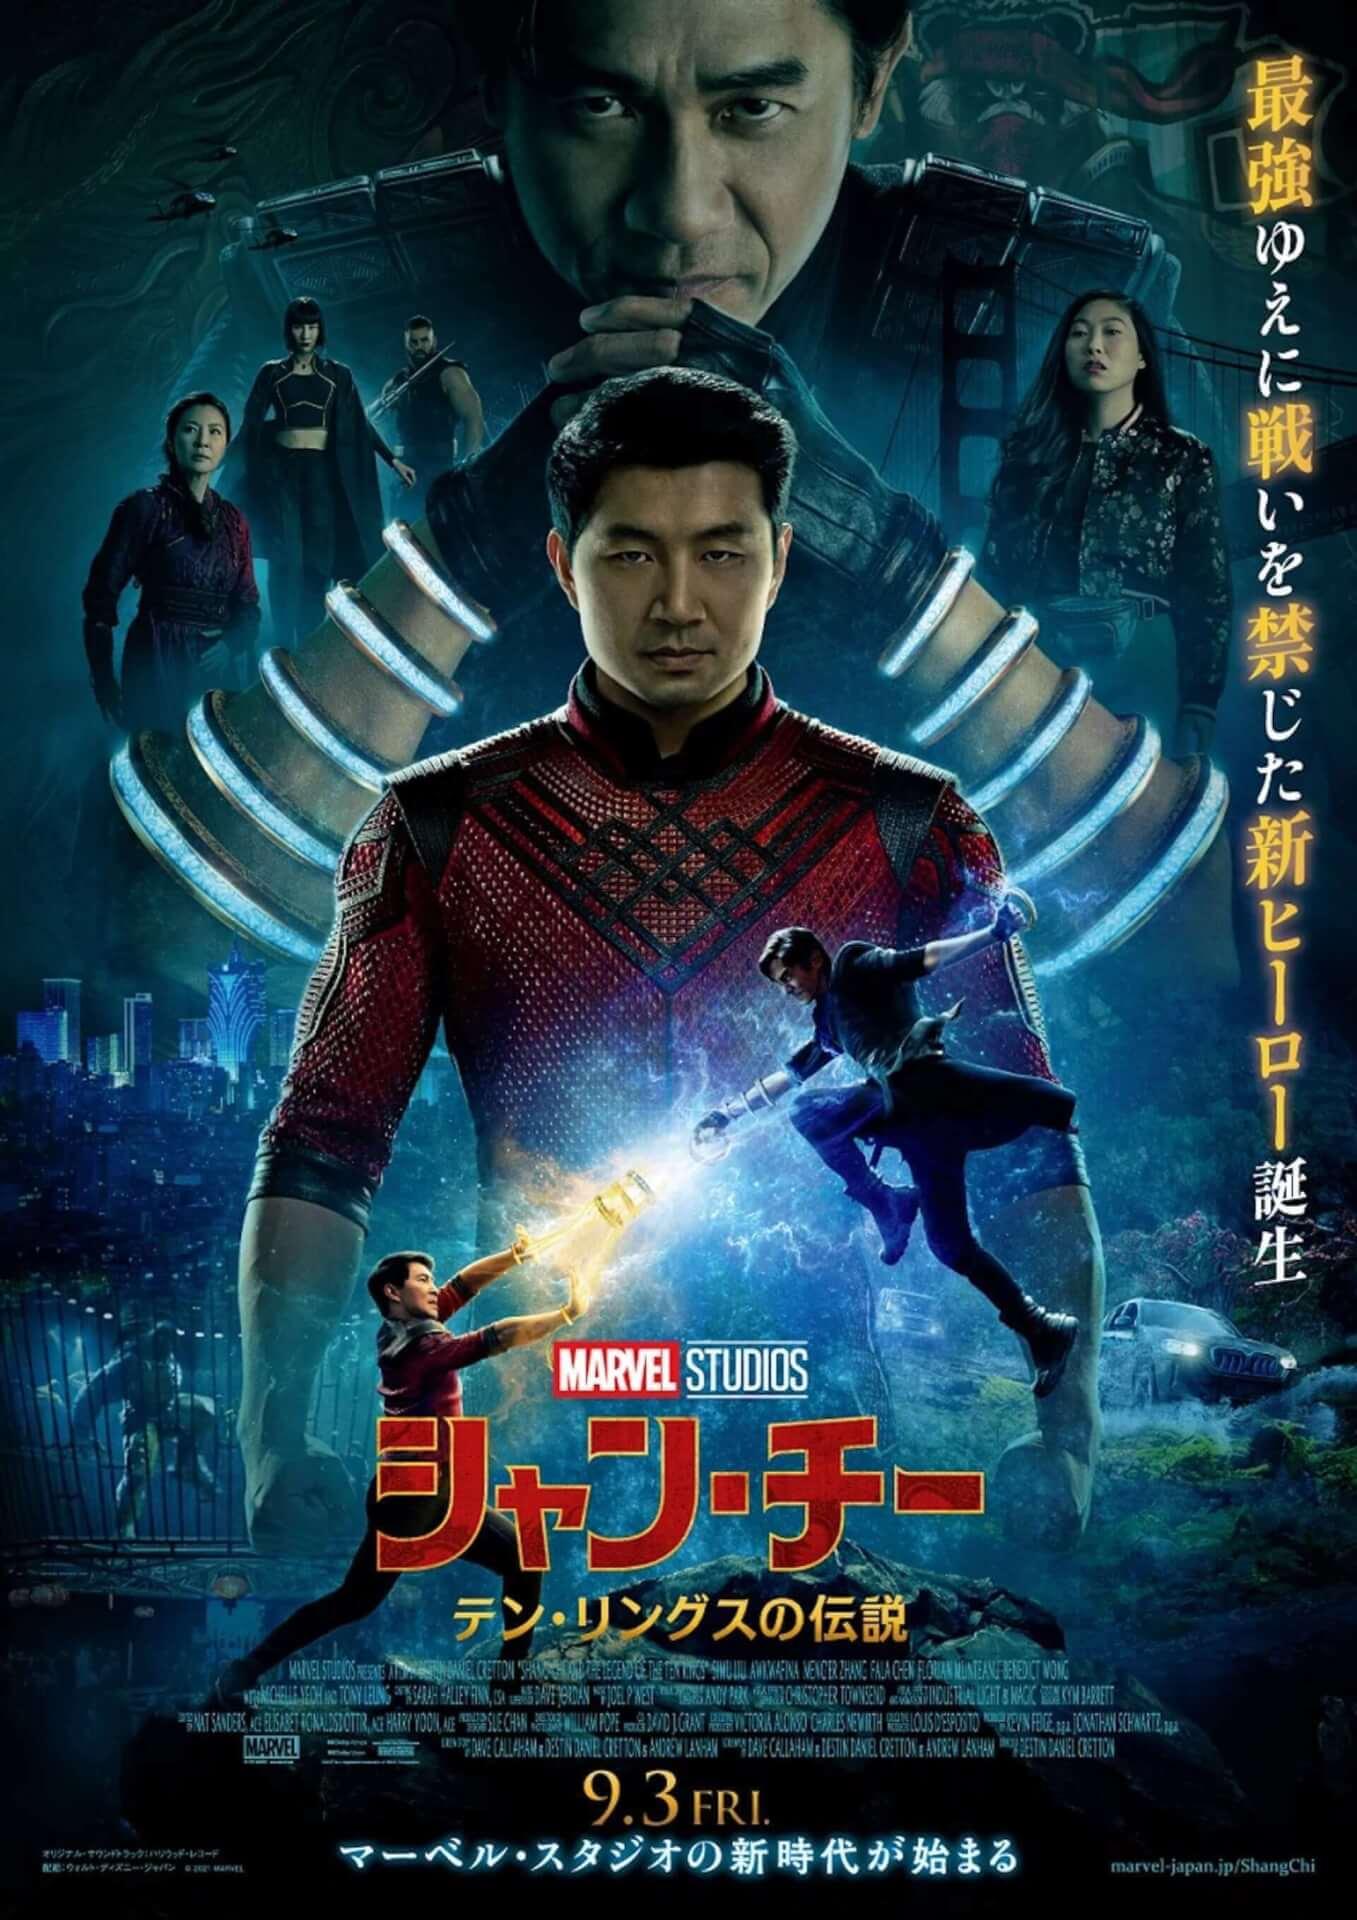 マーベル・スタジオの新ヒーローに世界中が大注目!『シャン・チー/テン・リングスの伝説』が2週連続全世界興収No.1を記録 film210913_shang_chi_2